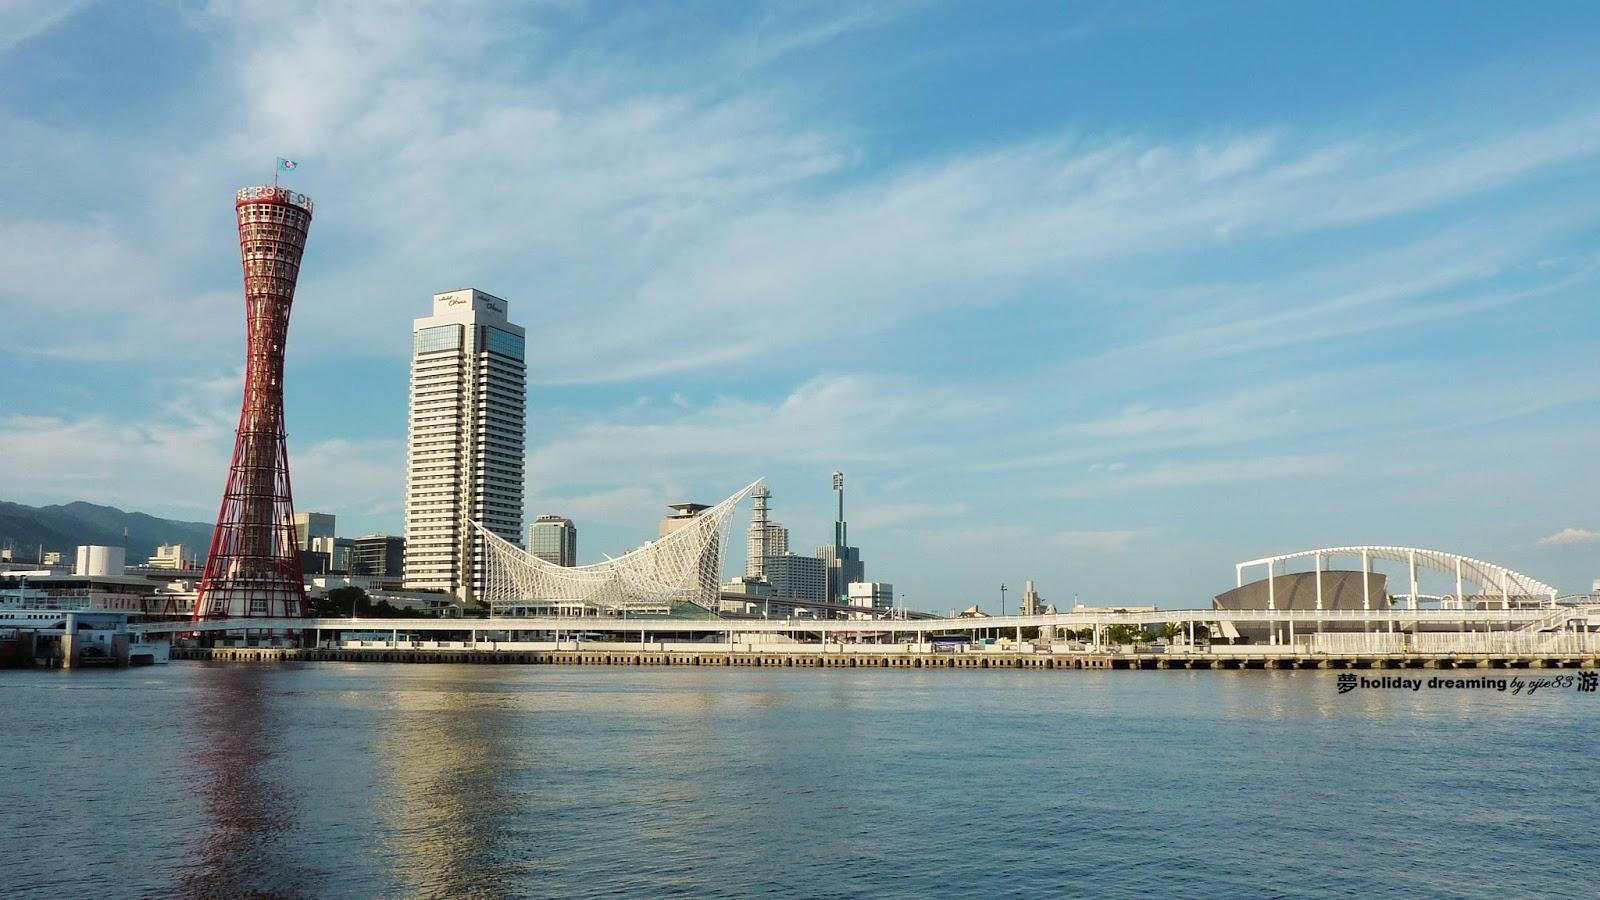 神戶港的圖片搜尋結果